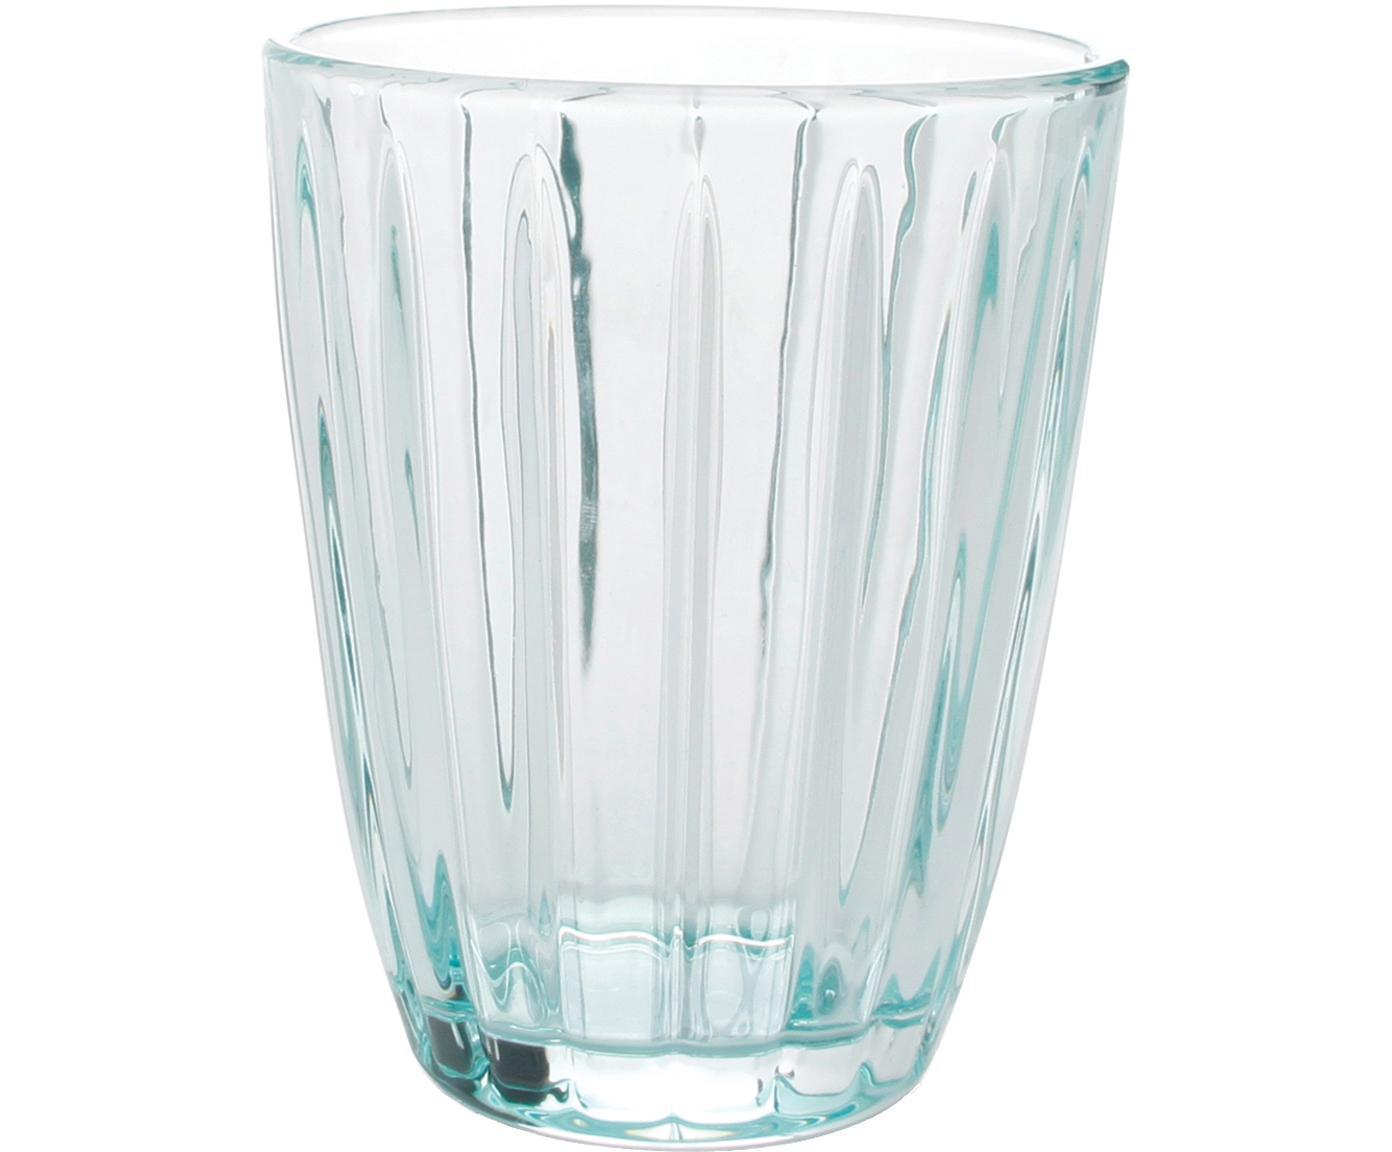 Wassergläser Zefir mit Relief, 4er-Set, Glas, Blau, Ø 8 x H 10 cm